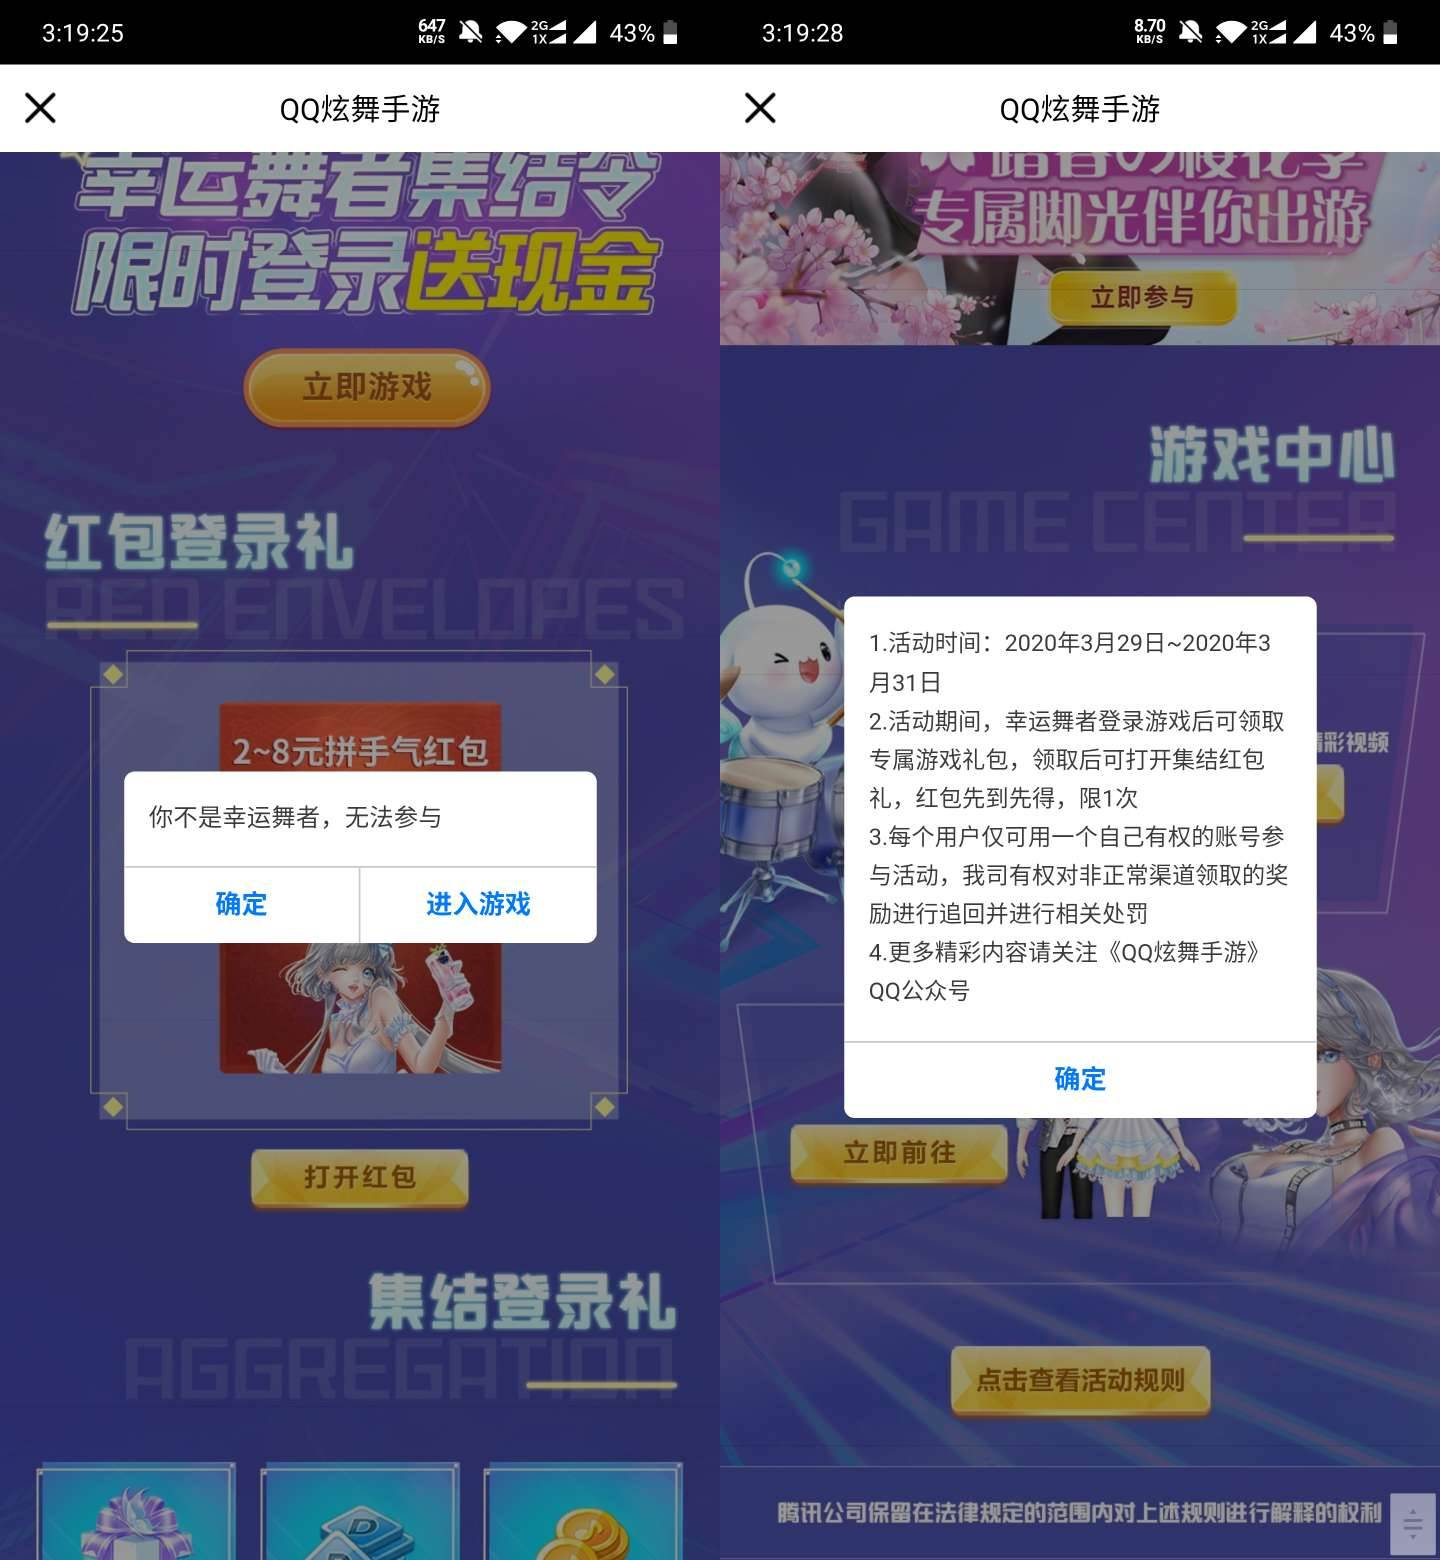 QQ炫舞幸运舞者集结令 限时登录送现金